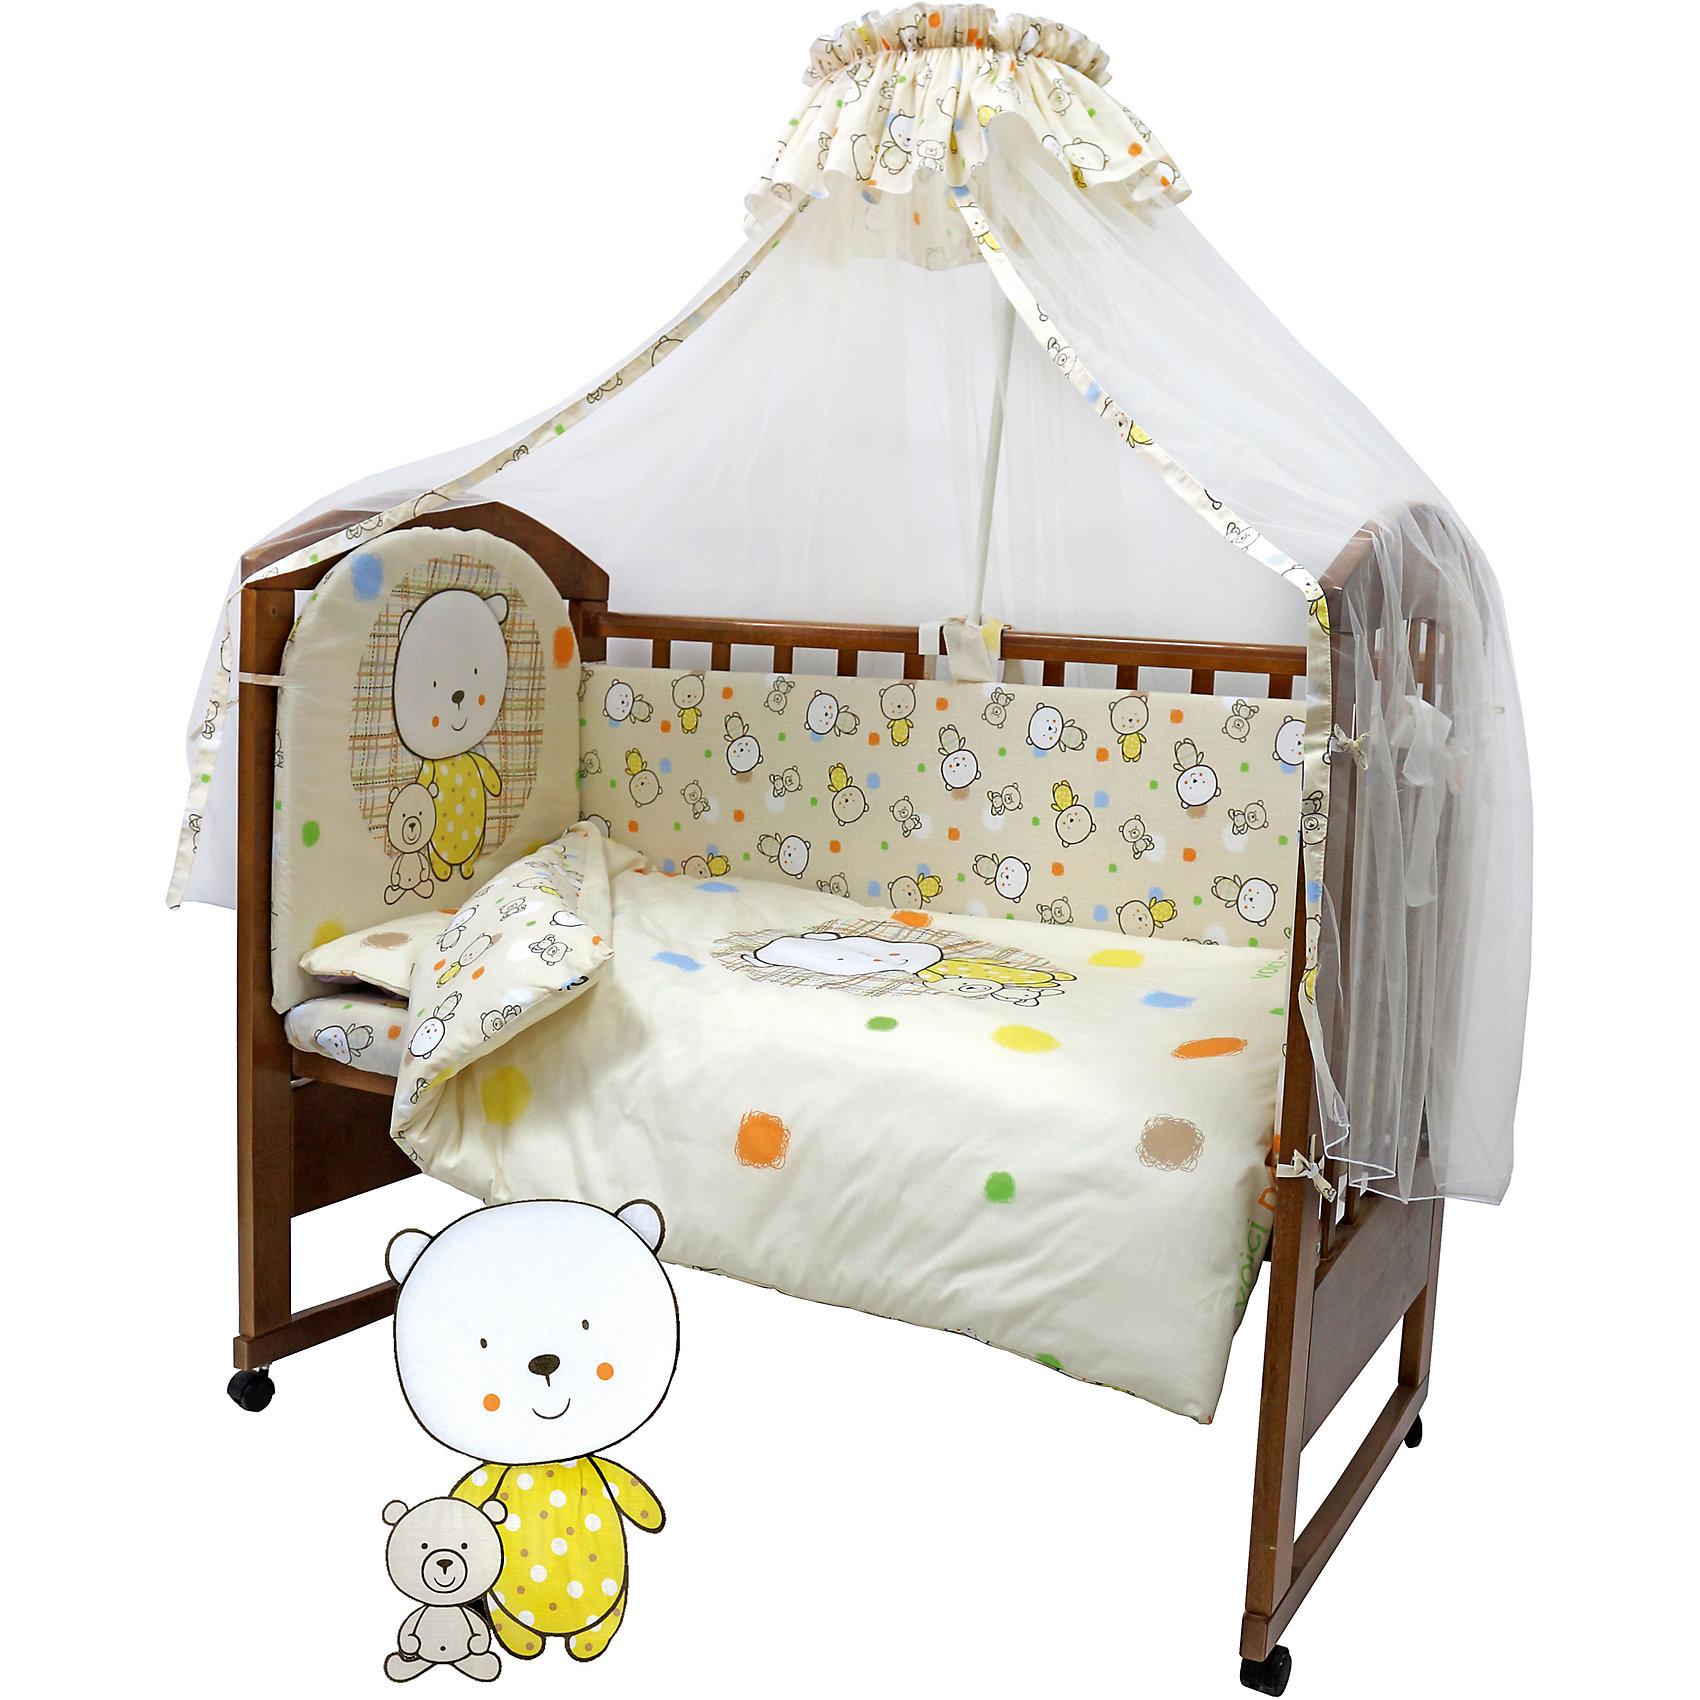 Постельное белье Мой Медвежонок, 3 пр., бежевыйПостельное белье Мой Медвежонок - прекрасный вариант для деткой кроватки. Нежная расцветка и спокойный принт создадут нужную для сна атмосферу и подарят крепкий сон вашему крохе. Белье изготовлено из натурального хлопка - безопасного гипоаллергенного материала очень приятного к телу. <br><br>Дополнительная информация:<br><br>- Комплектация: наволочка, простыня на резинке, пододеяльник.<br>- Материал: 100% хлопок.<br>- Размер: наволочка 40х60 см, пододеяльник 147х112 см., простыня 120х60 см.<br>- Цвет: бежевый. <br>- Декоративные элементы: принт.<br><br>Постельное белье Мой Медвежонок, 3 пр., бежевое, можно купить в нашем магазине.<br><br>Ширина мм: 250<br>Глубина мм: 200<br>Высота мм: 50<br>Вес г: 500<br>Возраст от месяцев: 0<br>Возраст до месяцев: 36<br>Пол: Унисекс<br>Возраст: Детский<br>SKU: 4051706